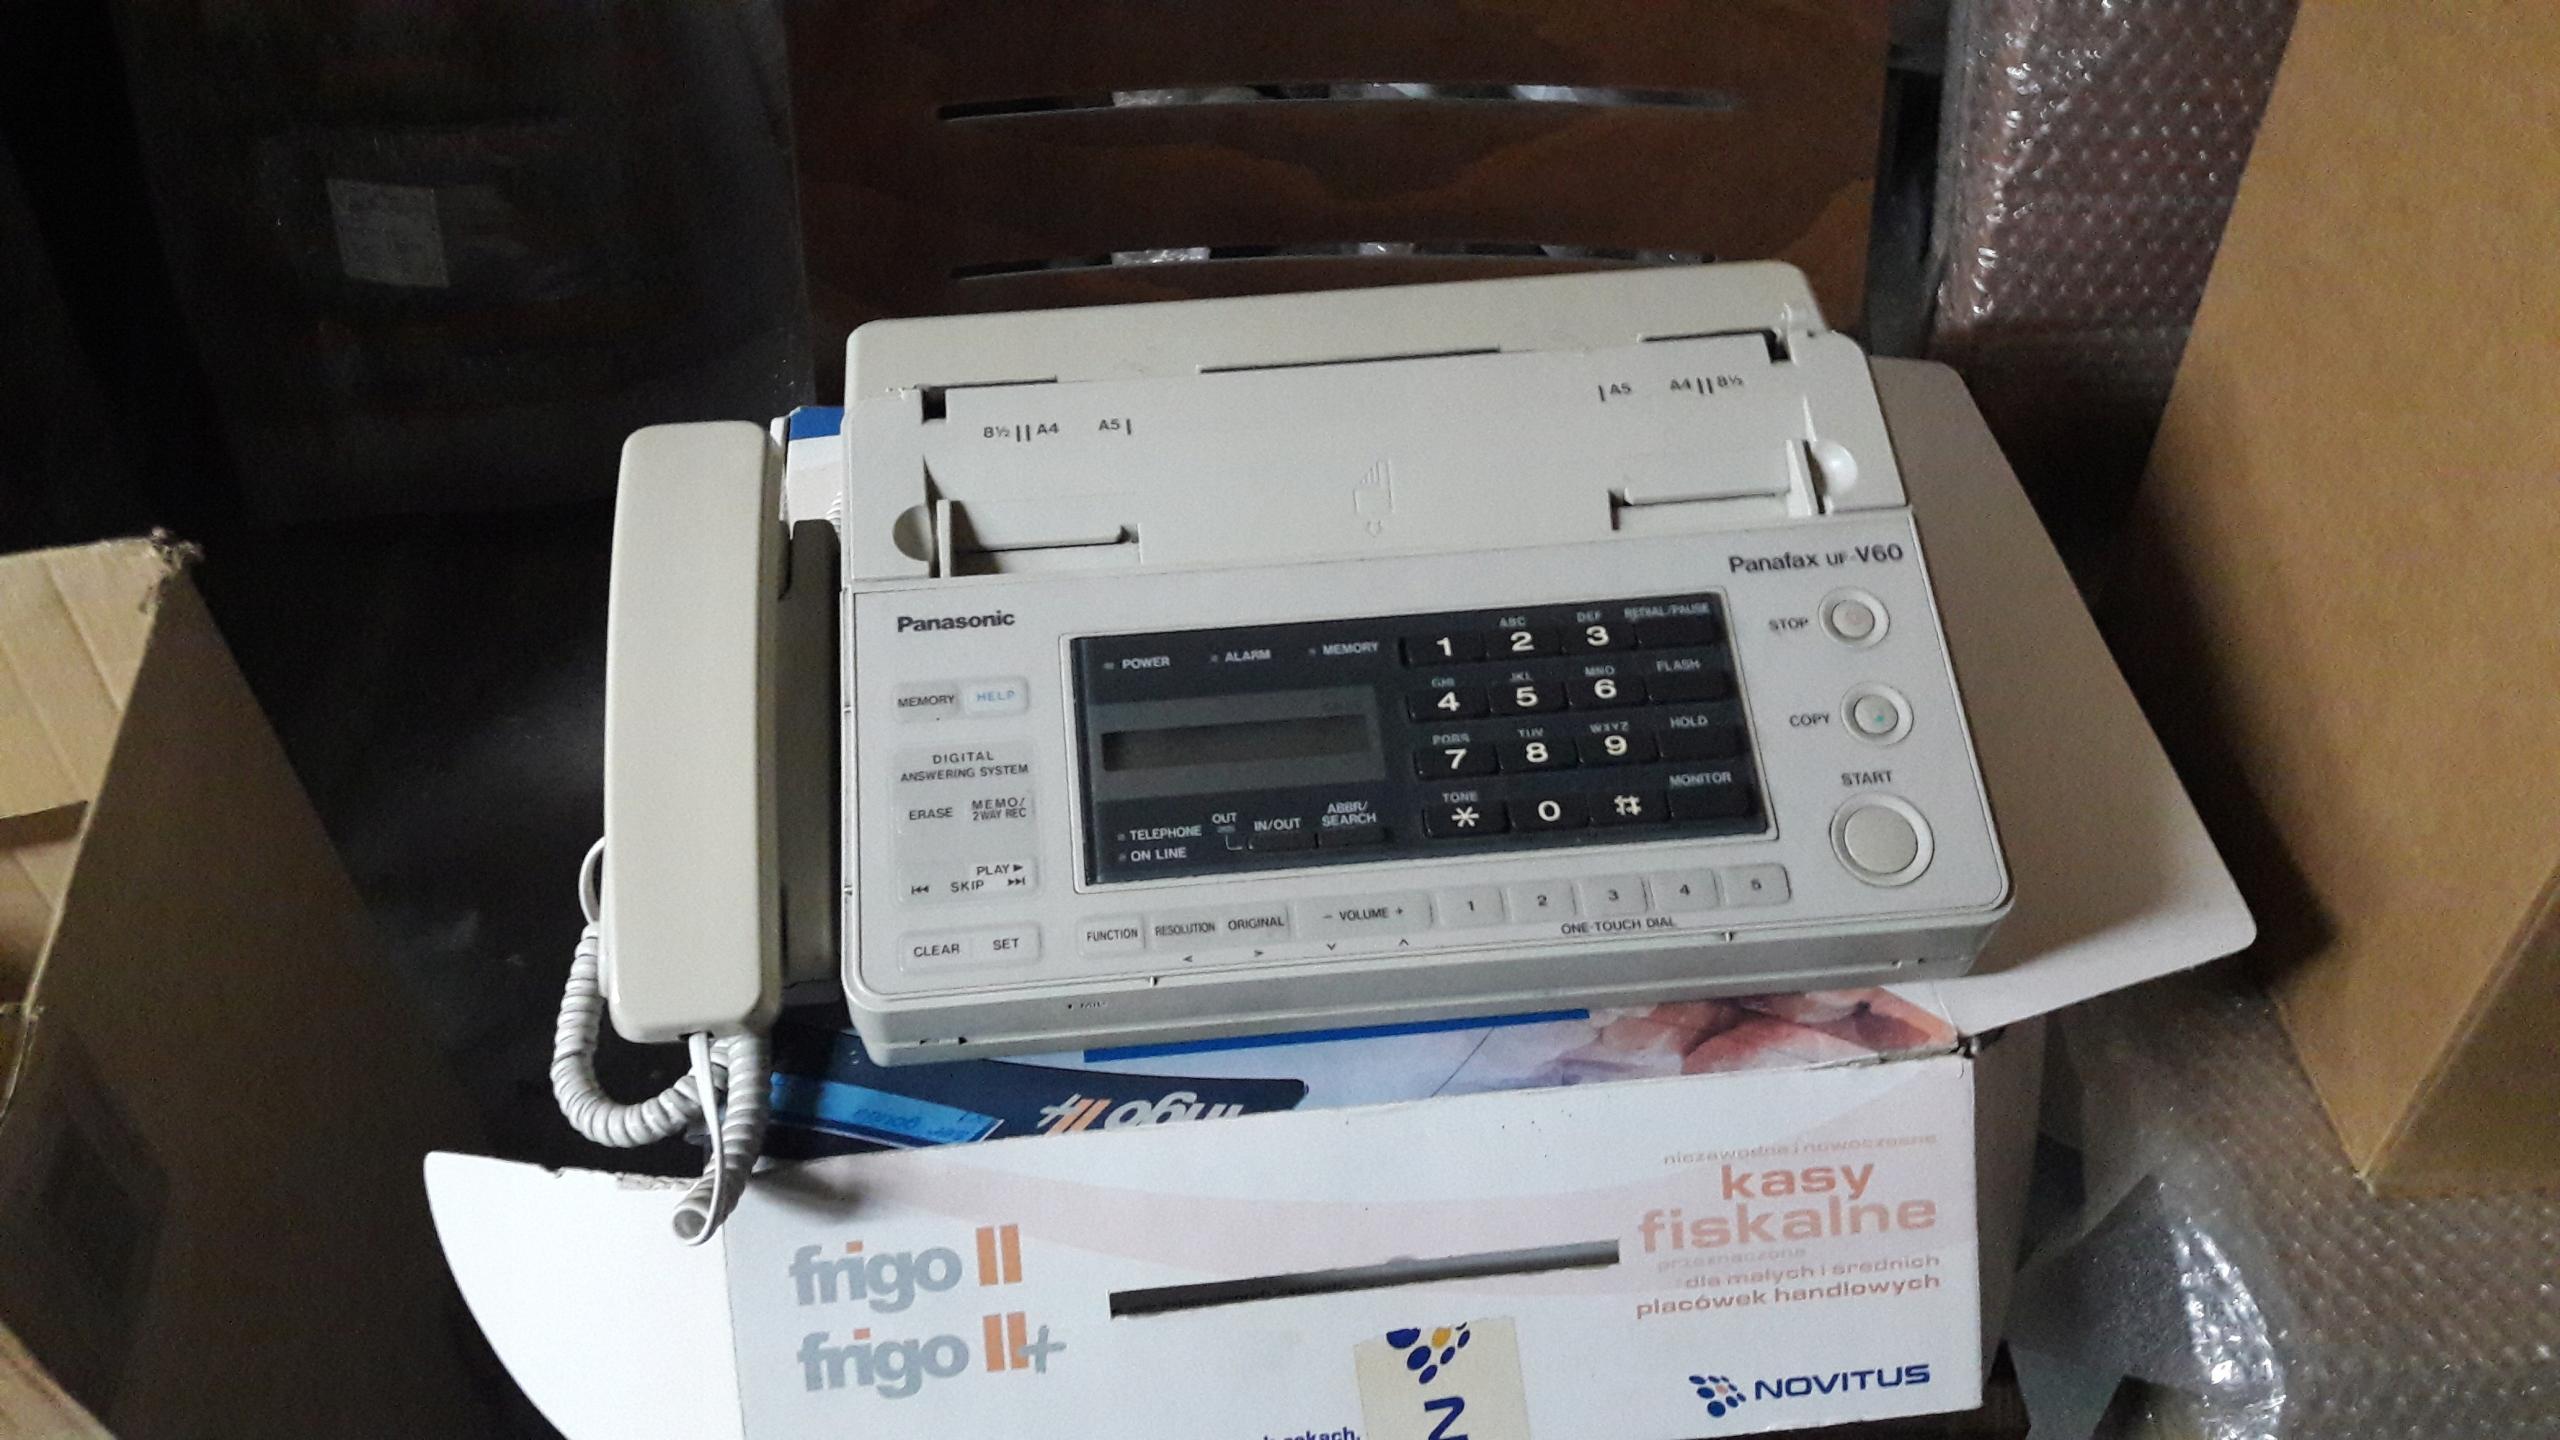 Fax Panafax uf-V60 Panasonic